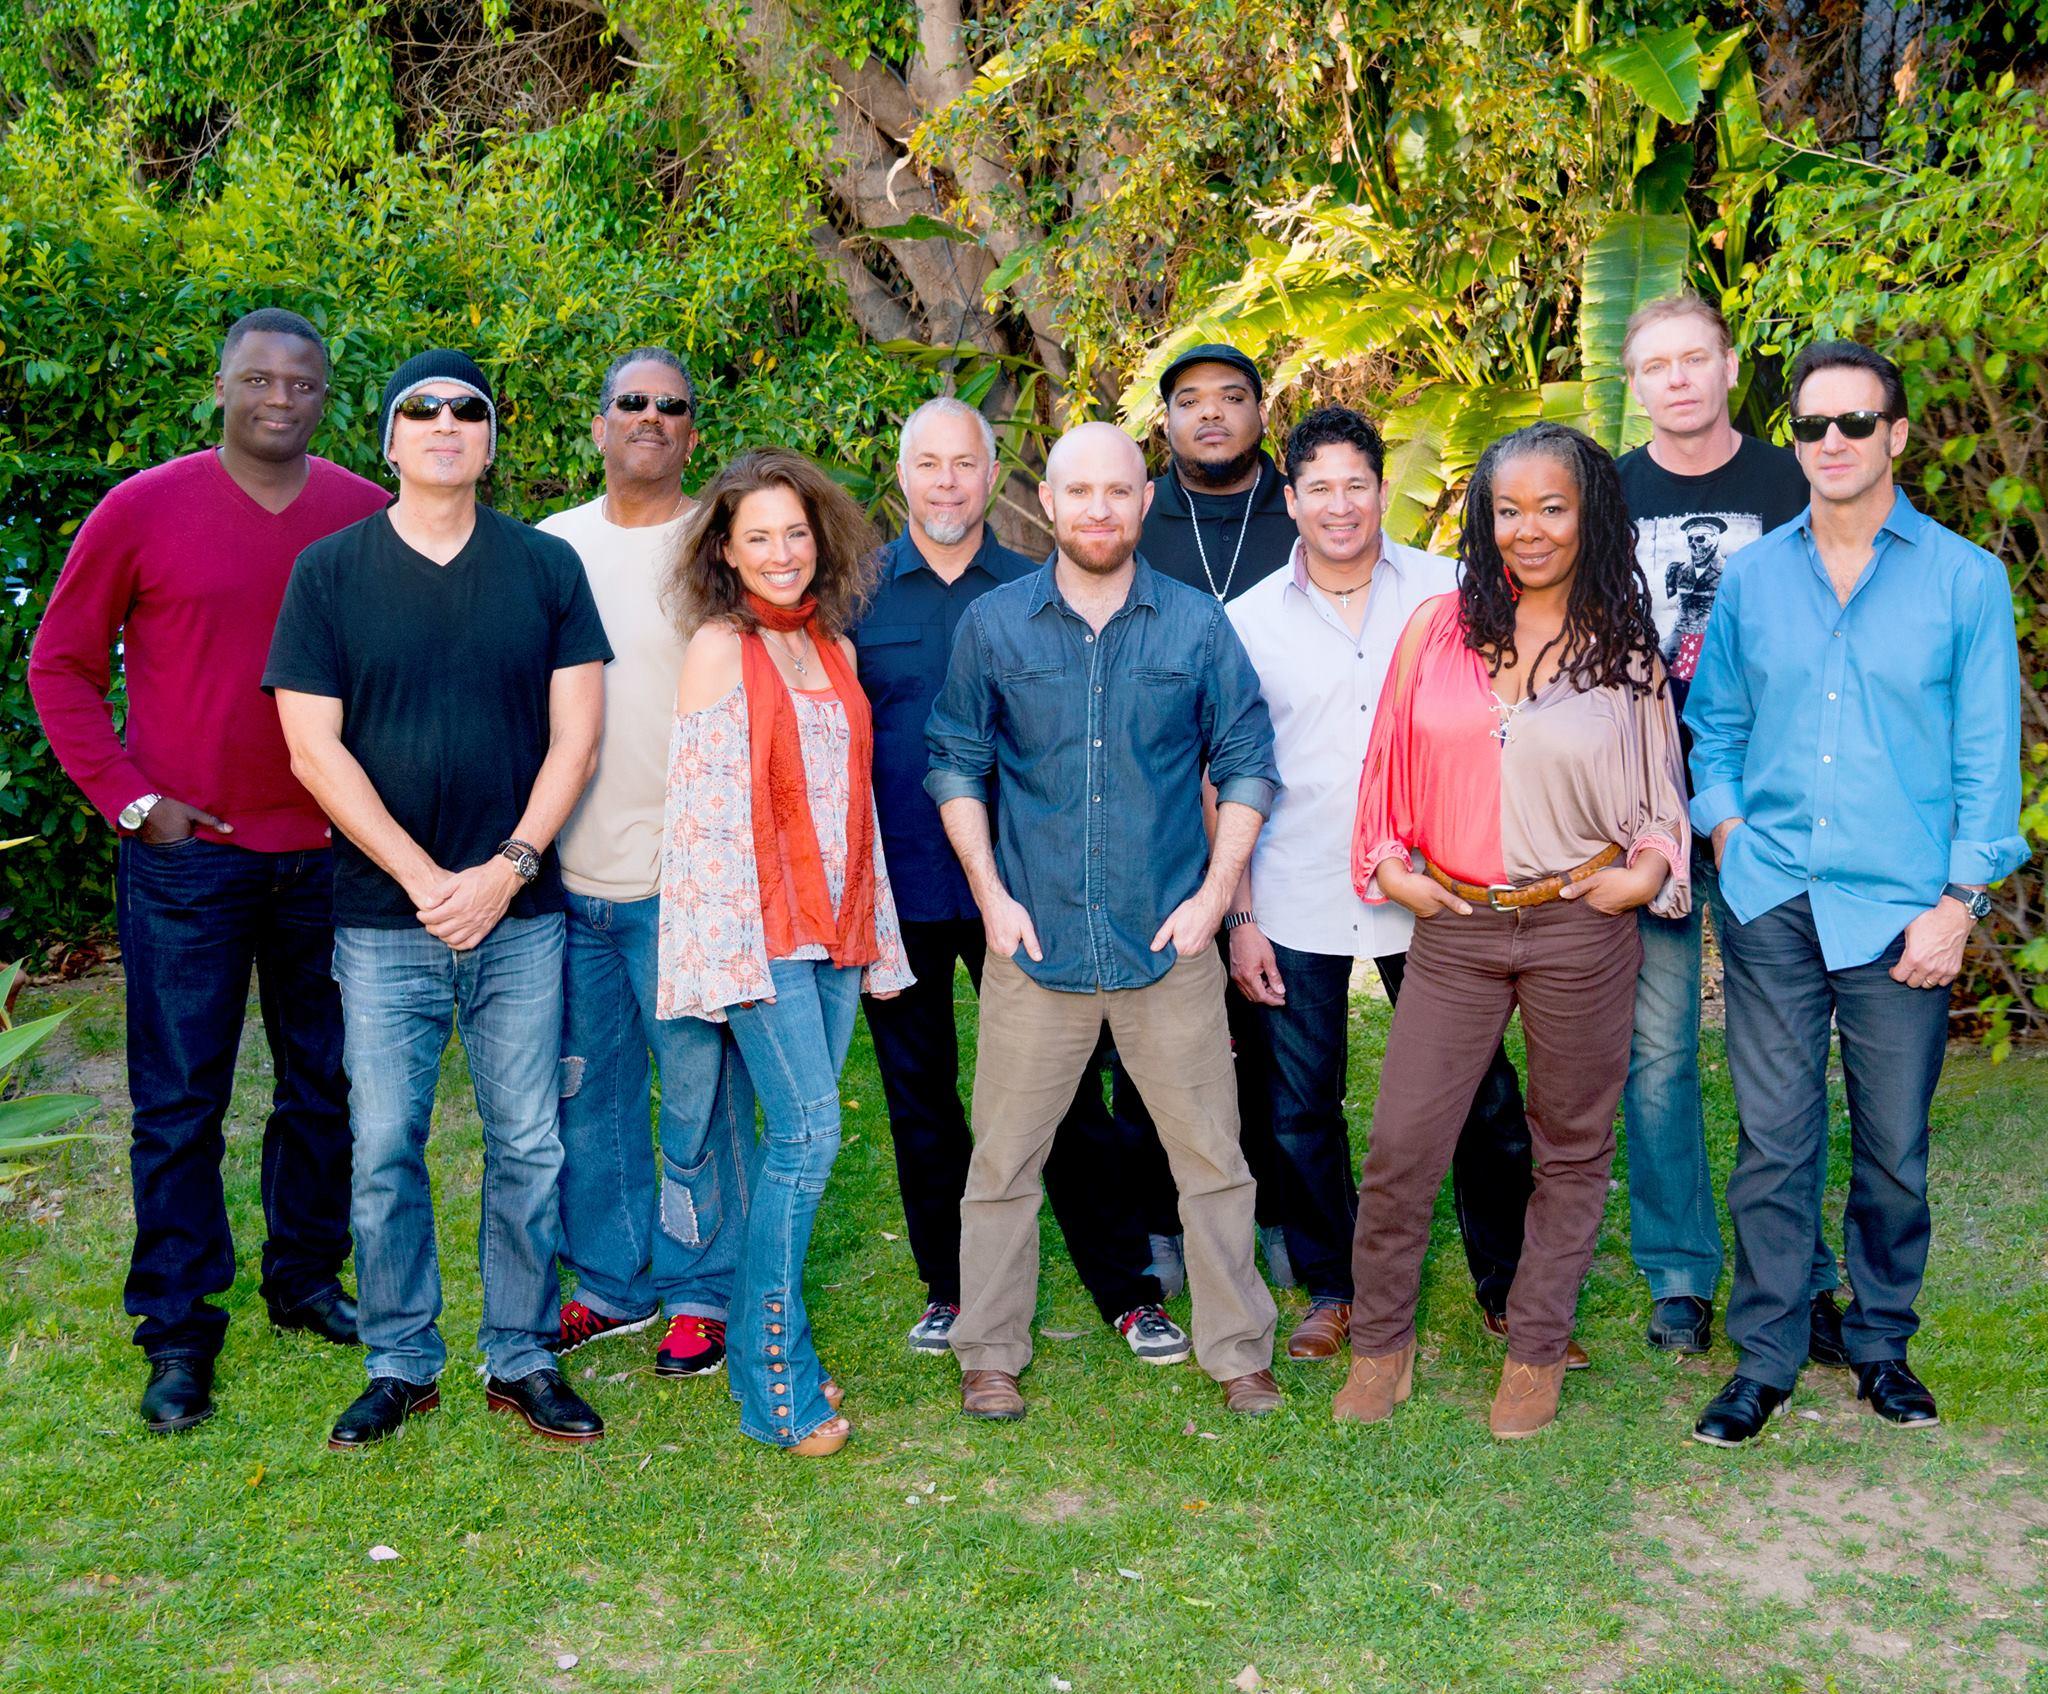 KL International Jazz in the Garden December 9